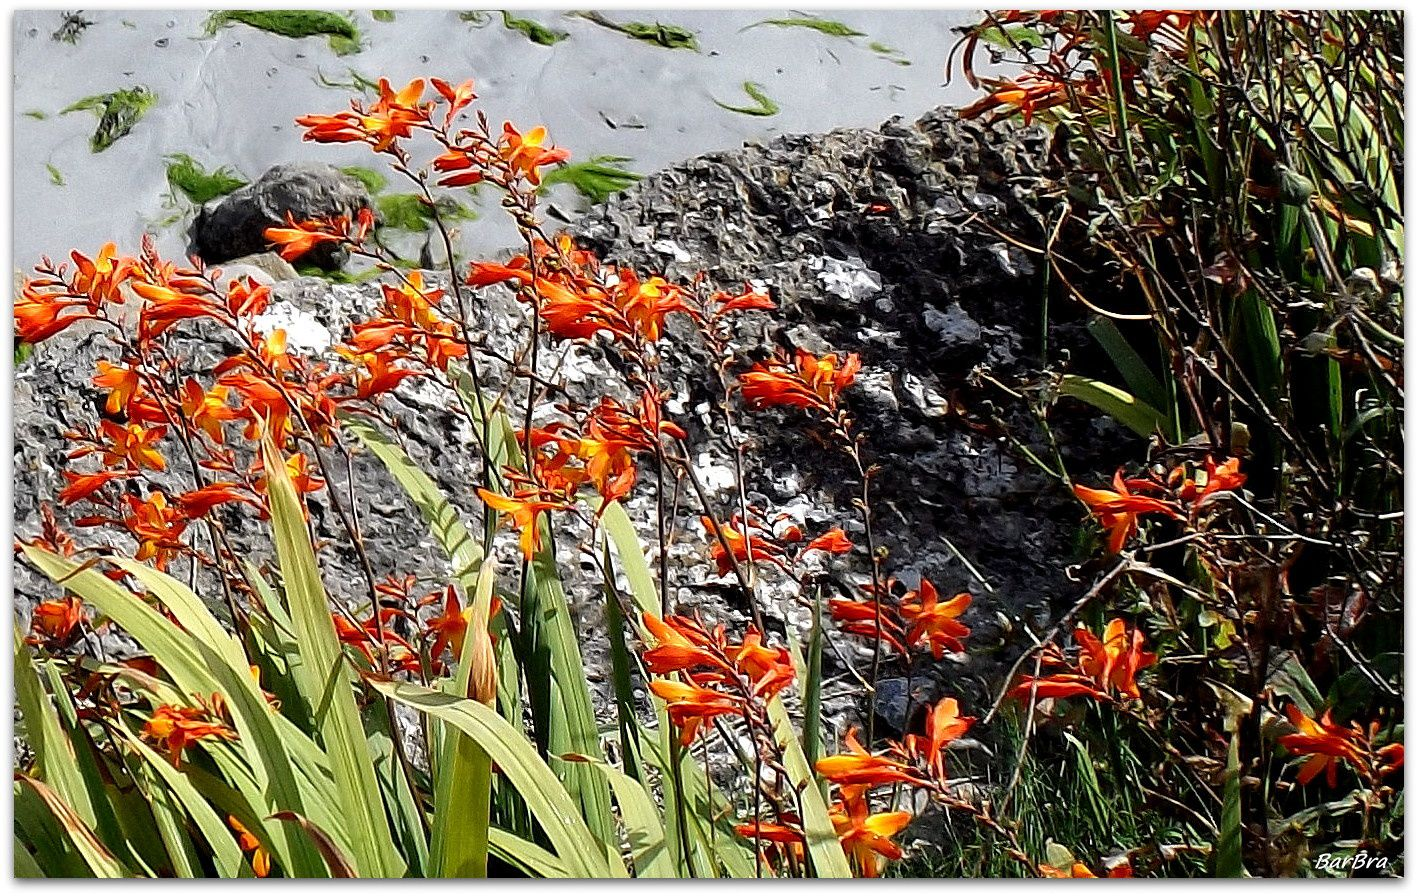 ... anche nelle selvagge brughiere del Connemara, dove è diventata selvatica.